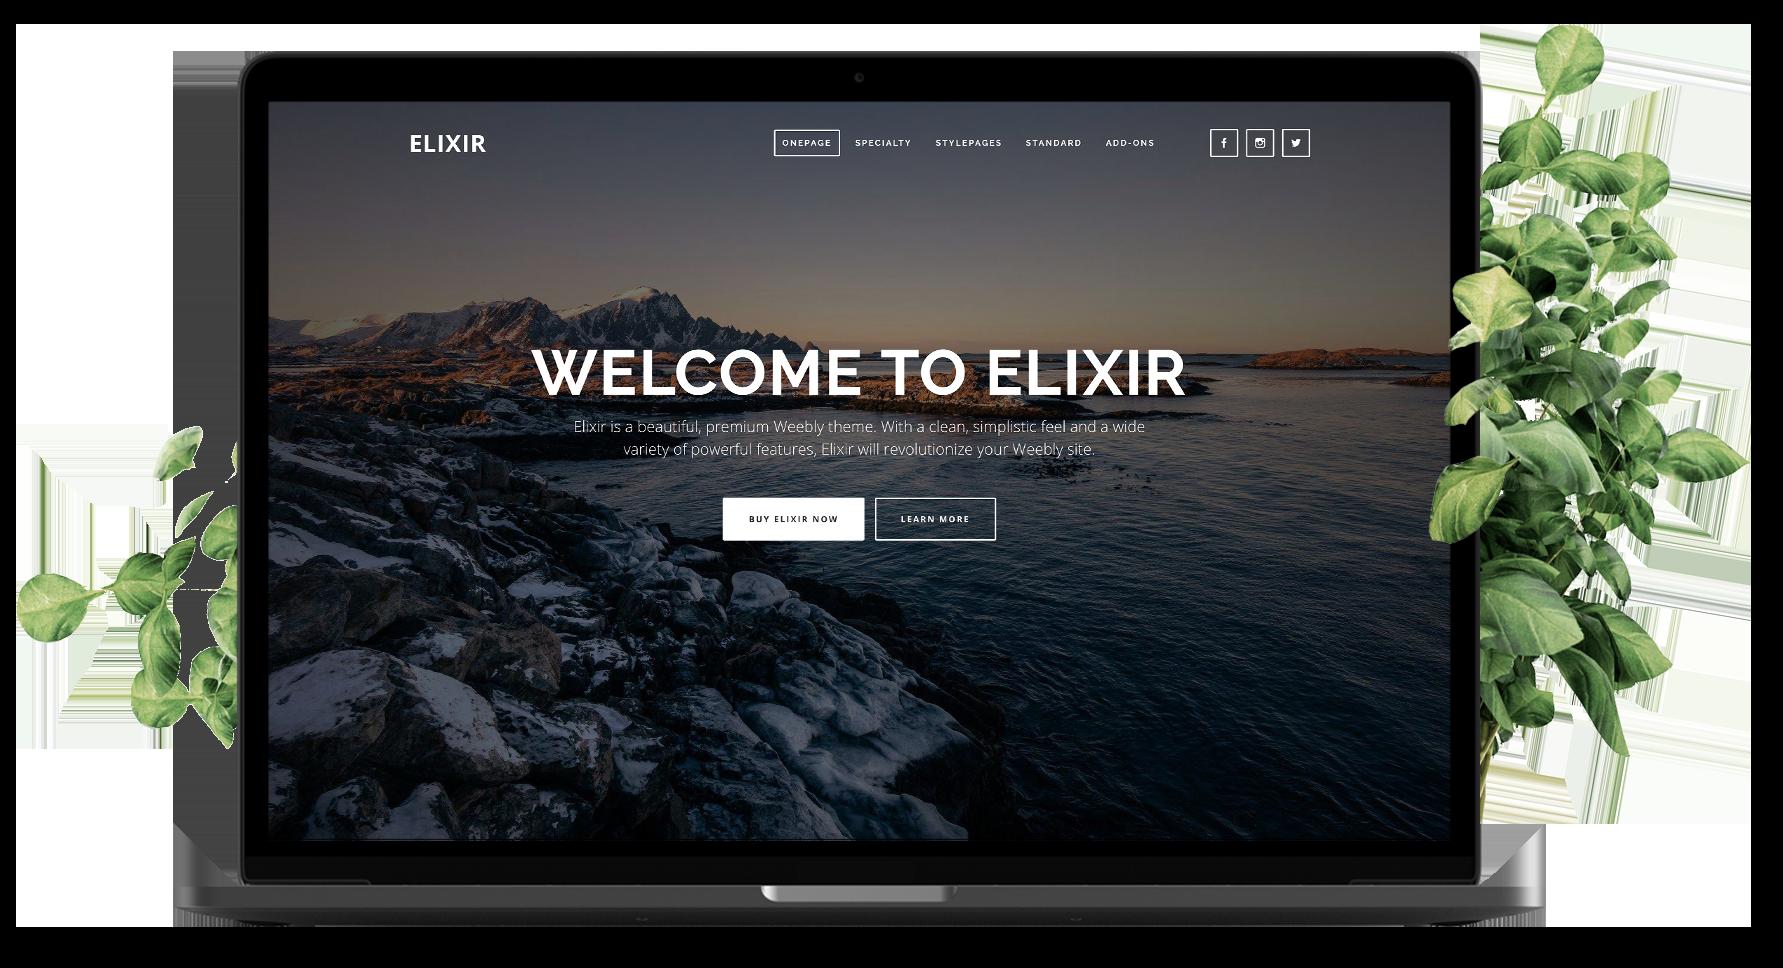 Elixir laptop image